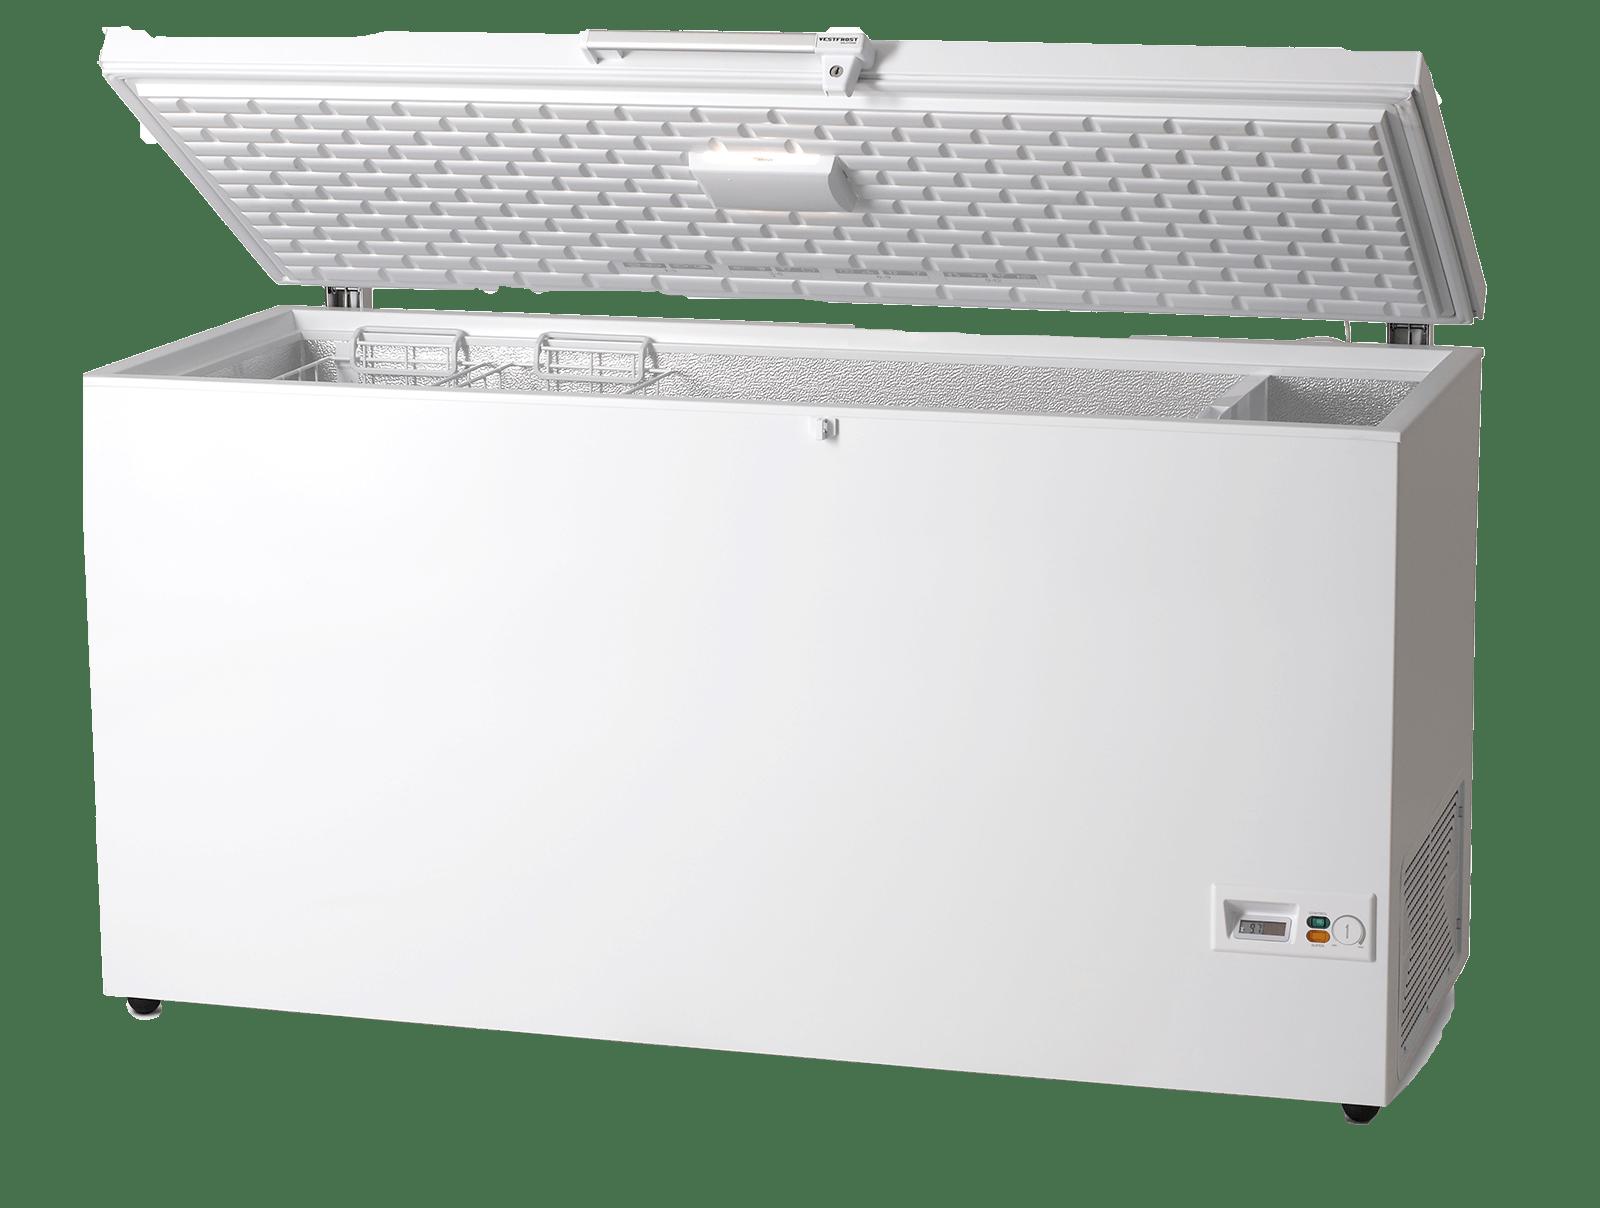 comemrcial-fridge